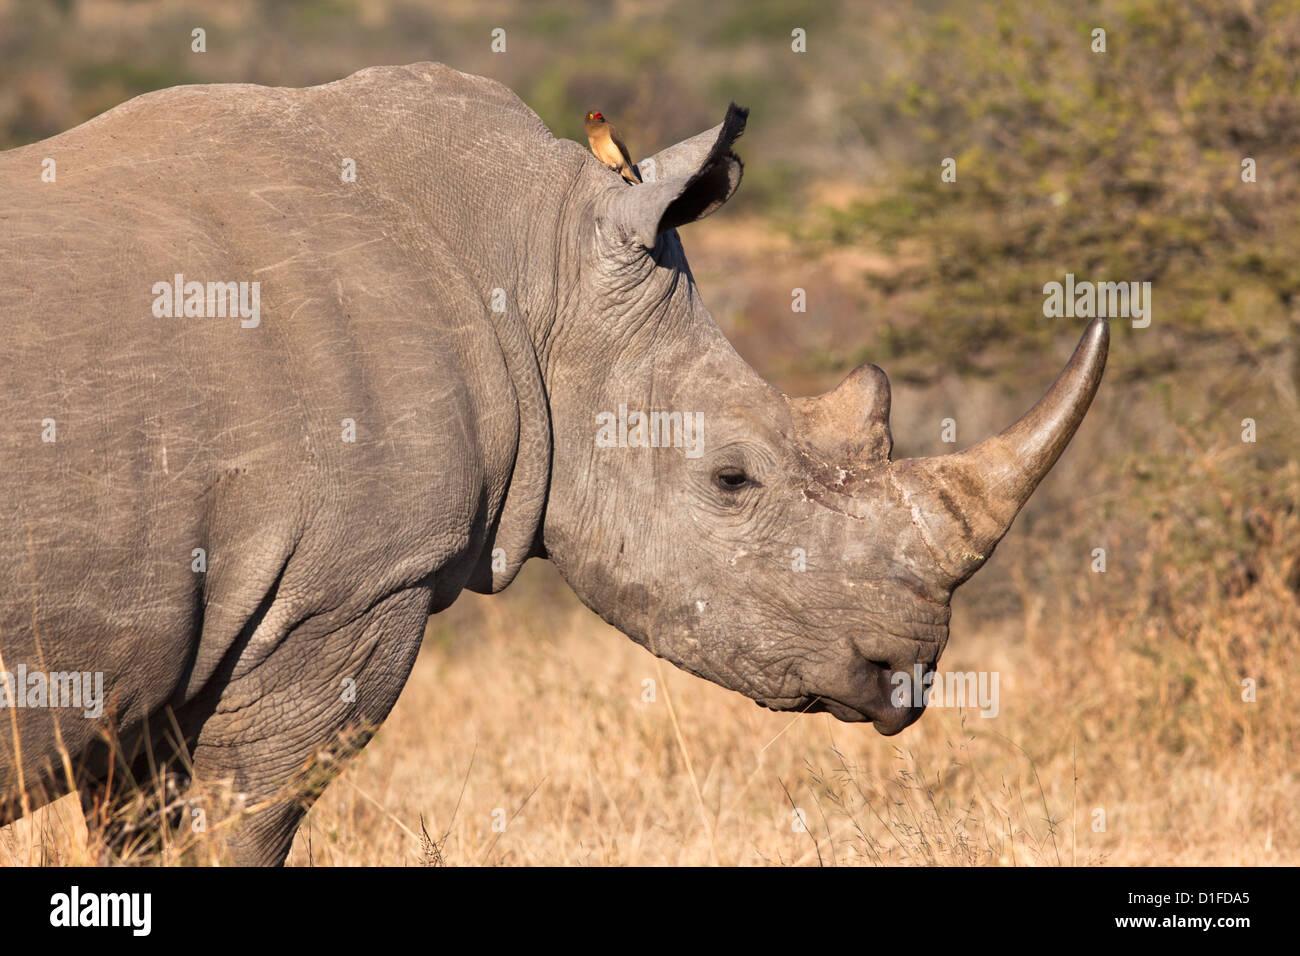 Le rhinocéros blanc (Ceratotherium simum), Imfolozi game reserve, KwaZulu-Natal, Afrique du Sud, l'Afrique Photo Stock